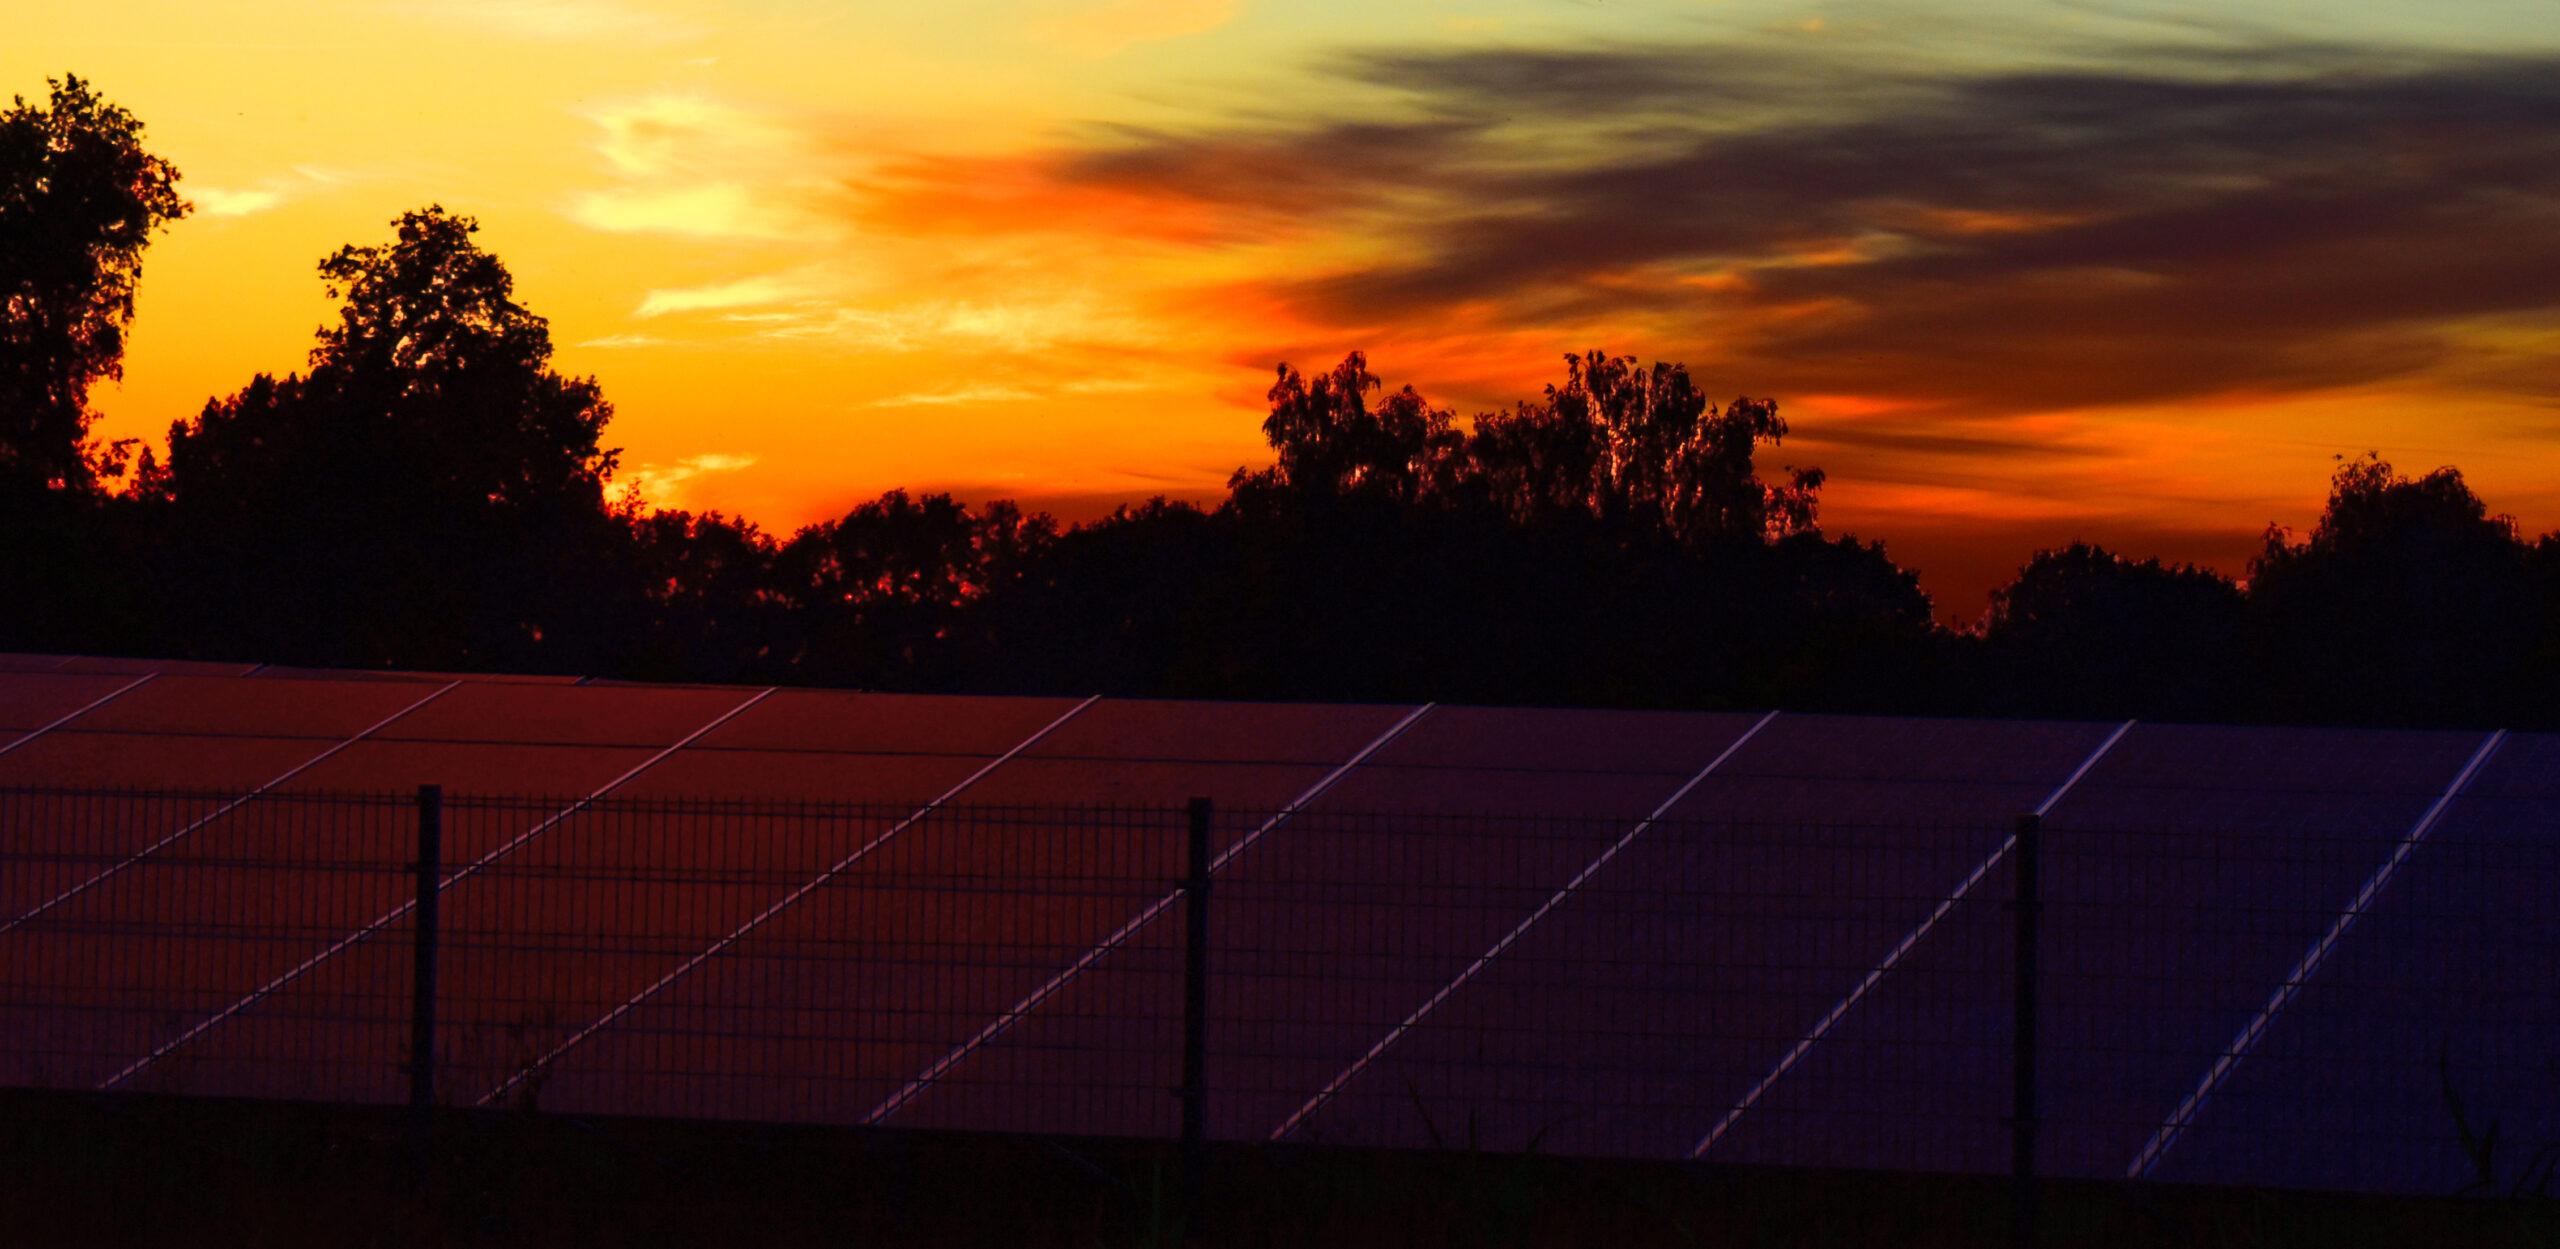 Zonnepark De Groene Weuste in Wierden tijdens zonsondergang.